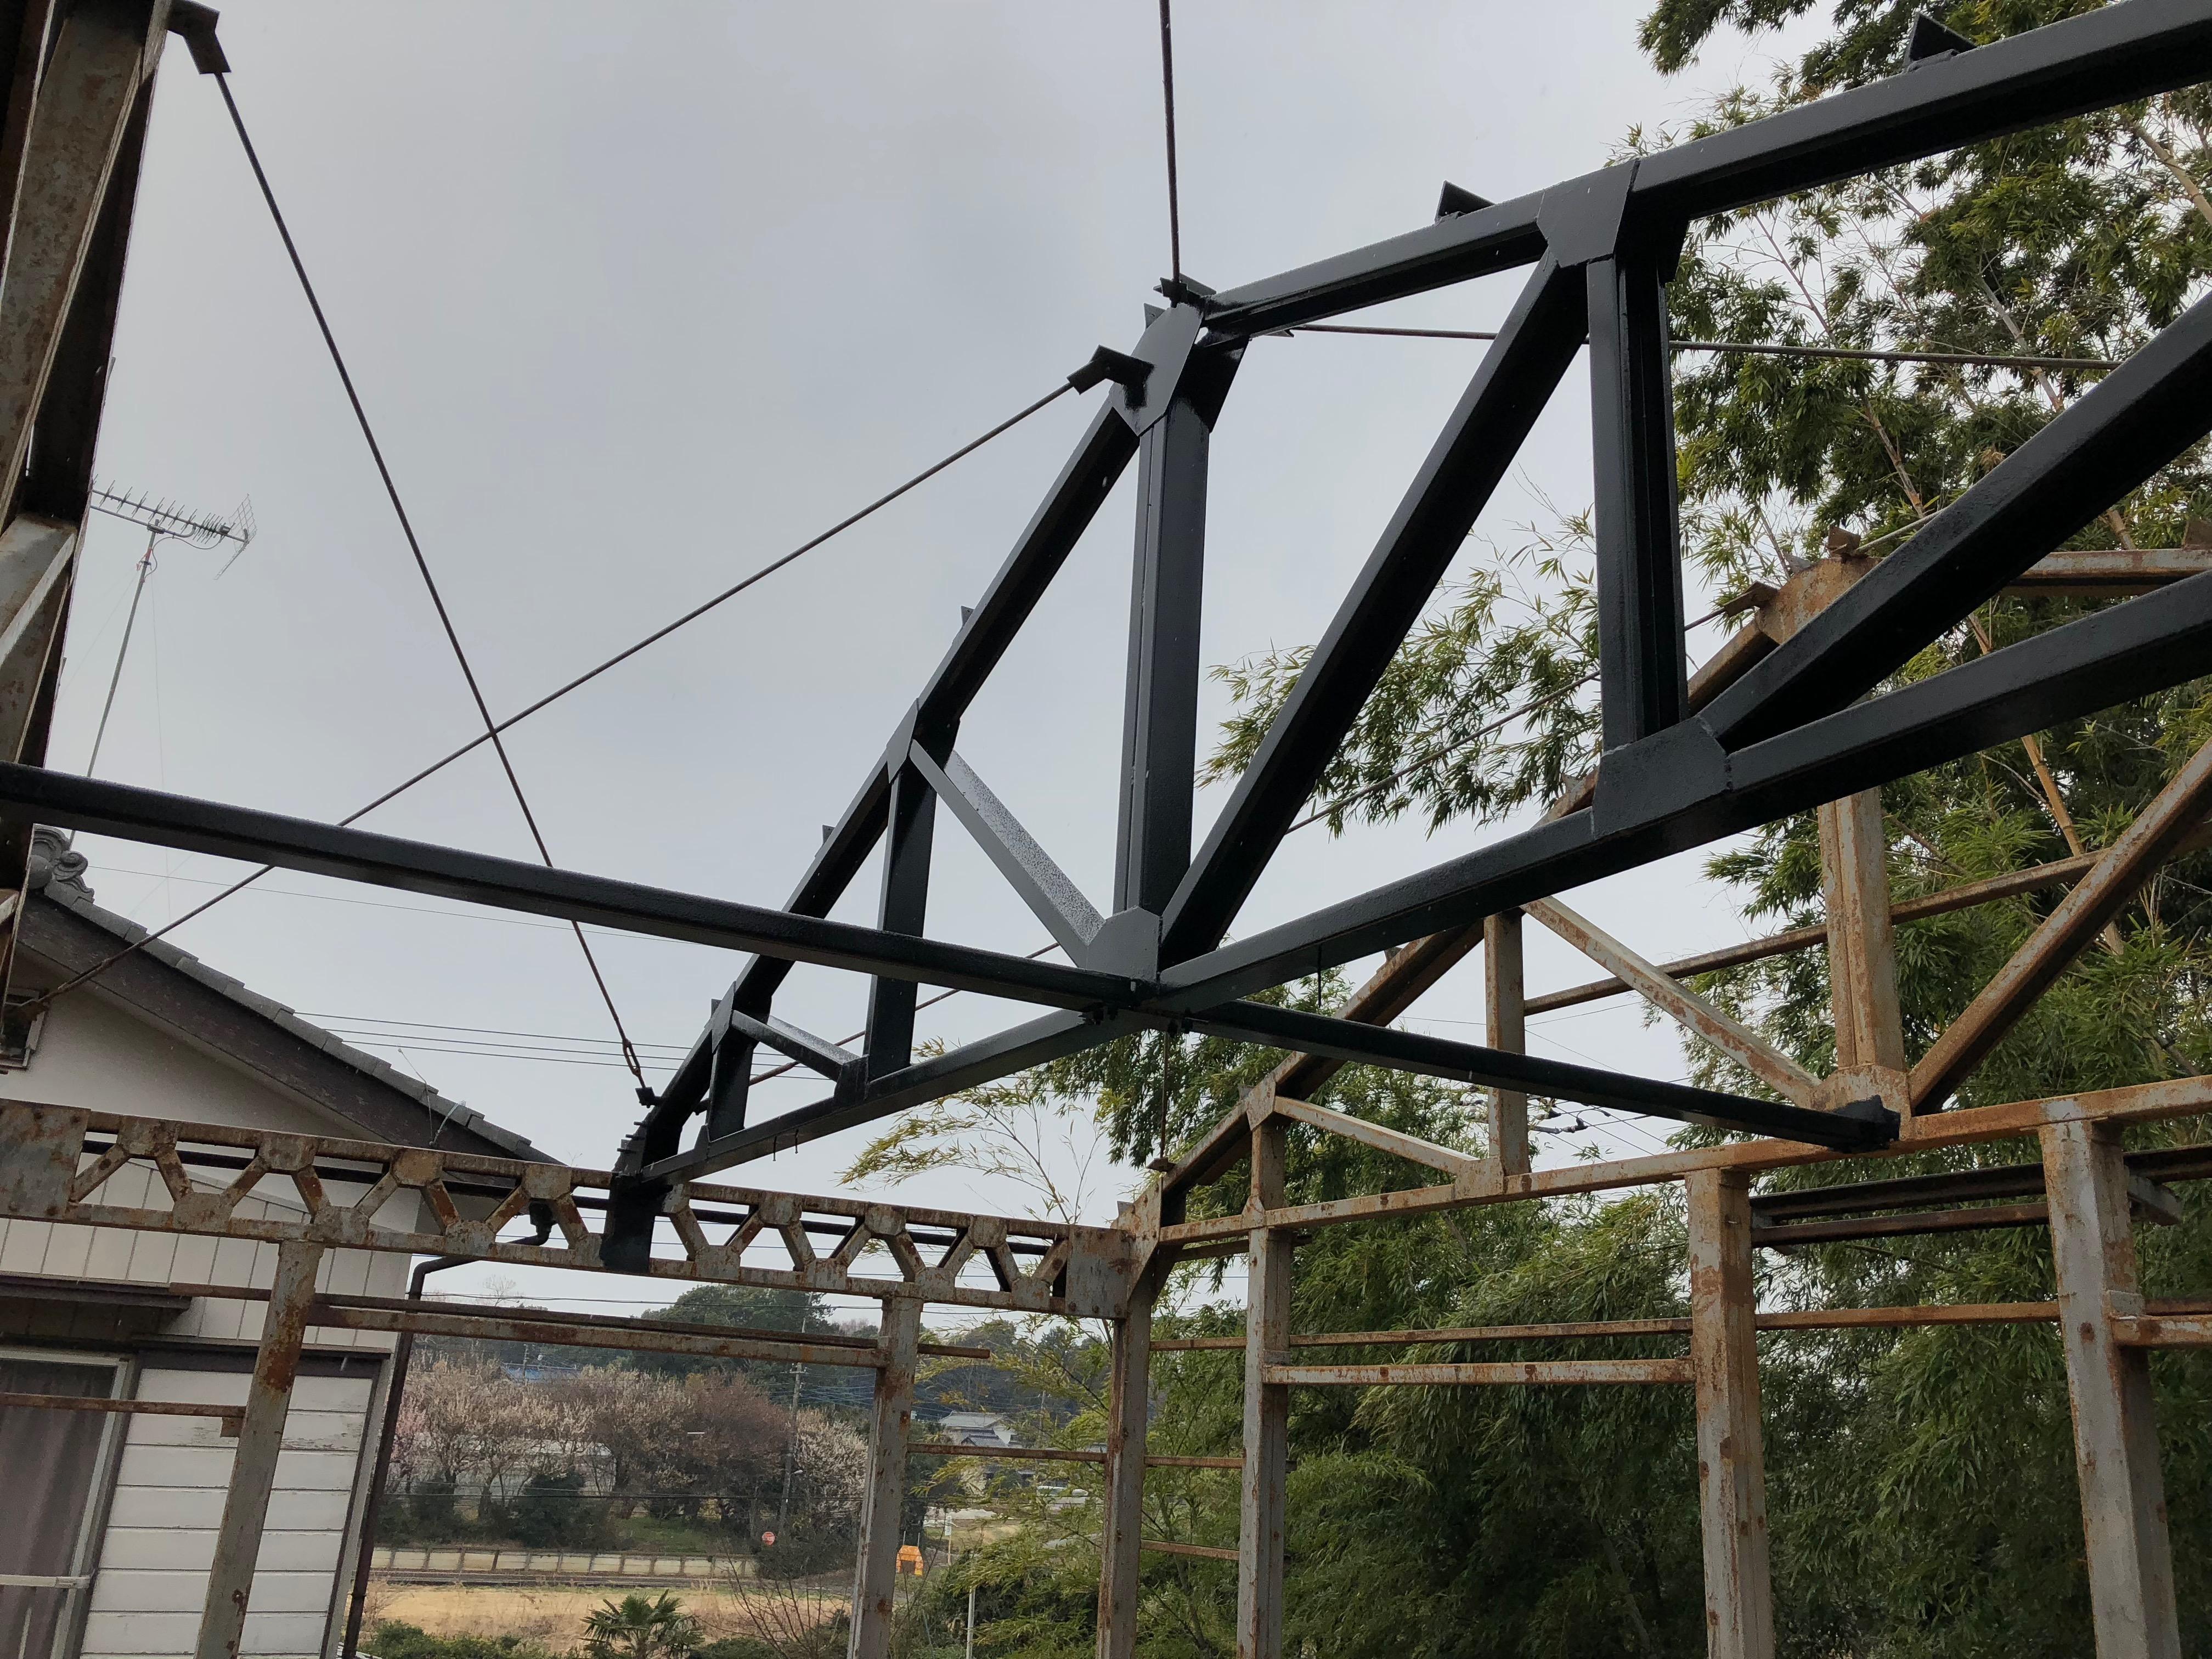 基礎工事01 -鉄骨の錆び落としとペンキ塗り-